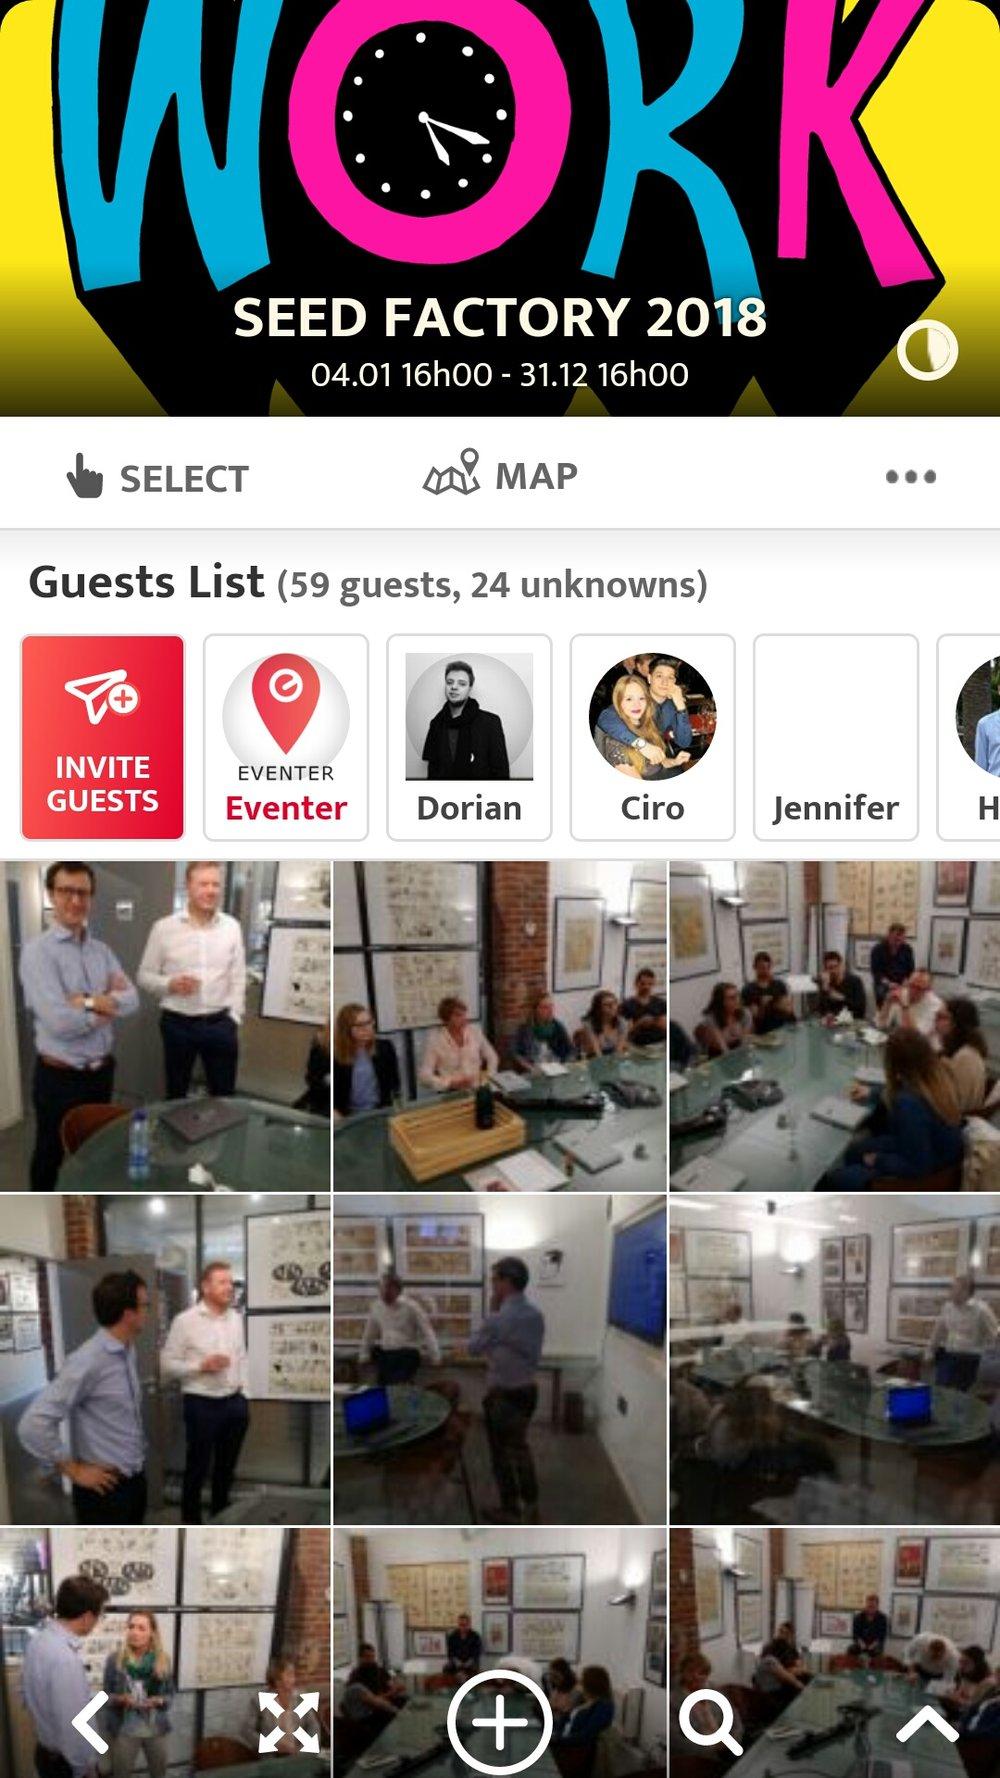 visionnez les photos des autres invités et partagez les votres